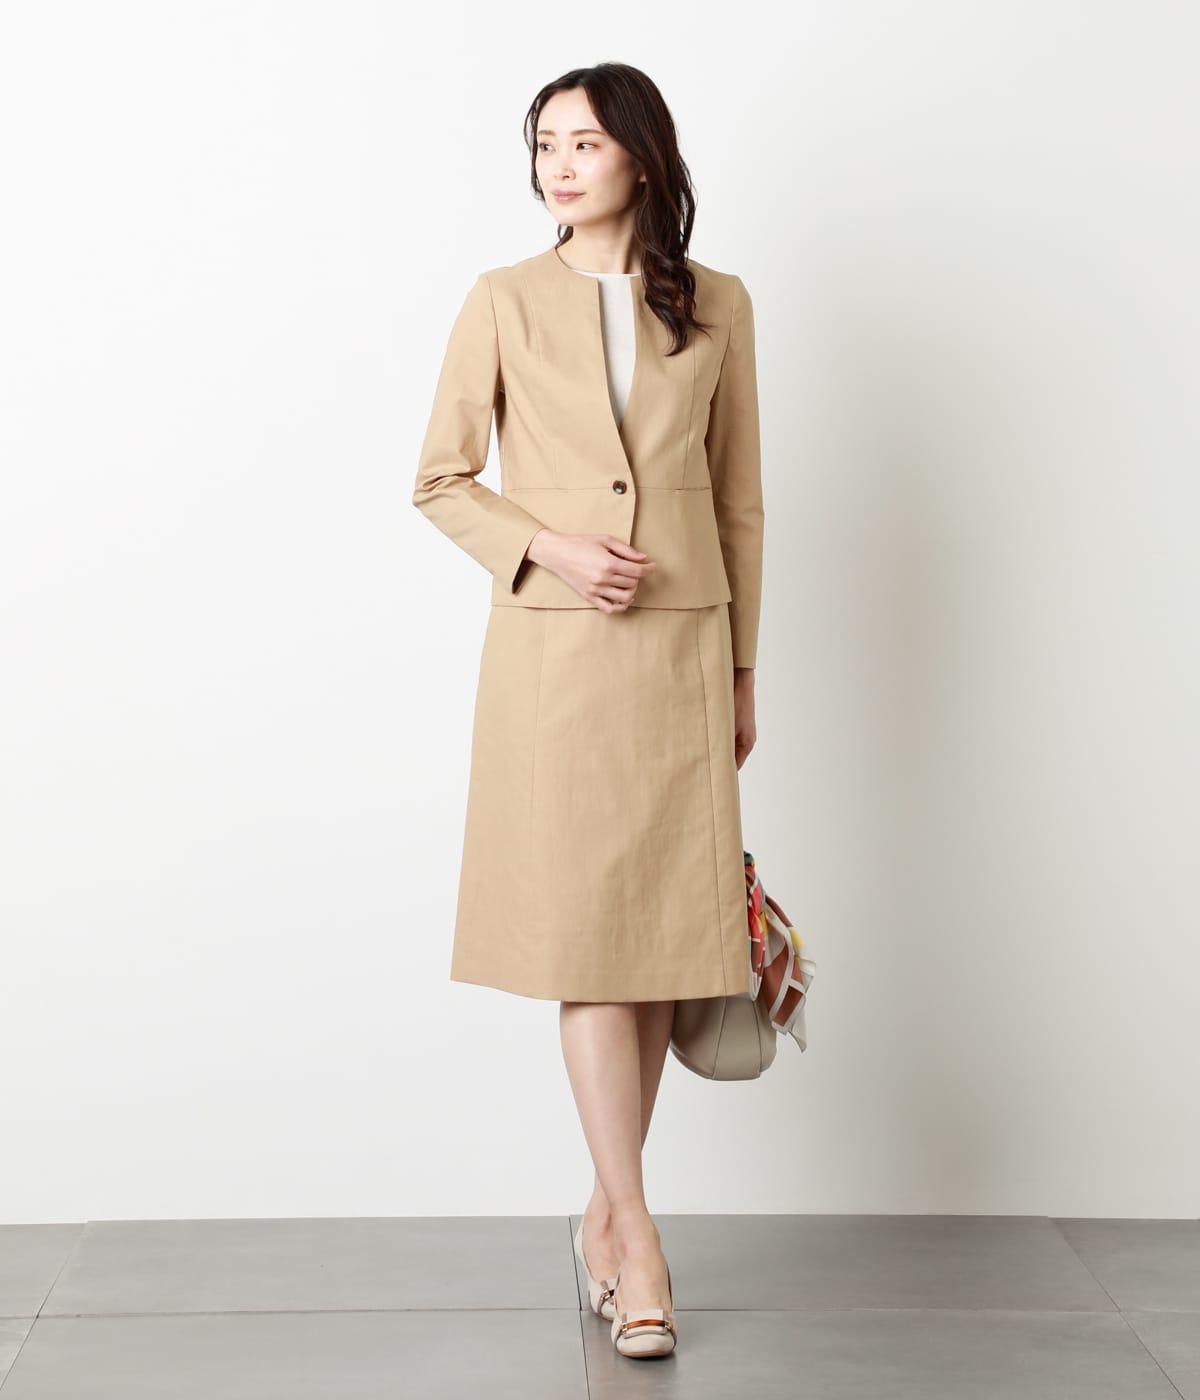 入園・入学式セレモニースタイル01|ファッション通販のNY.online